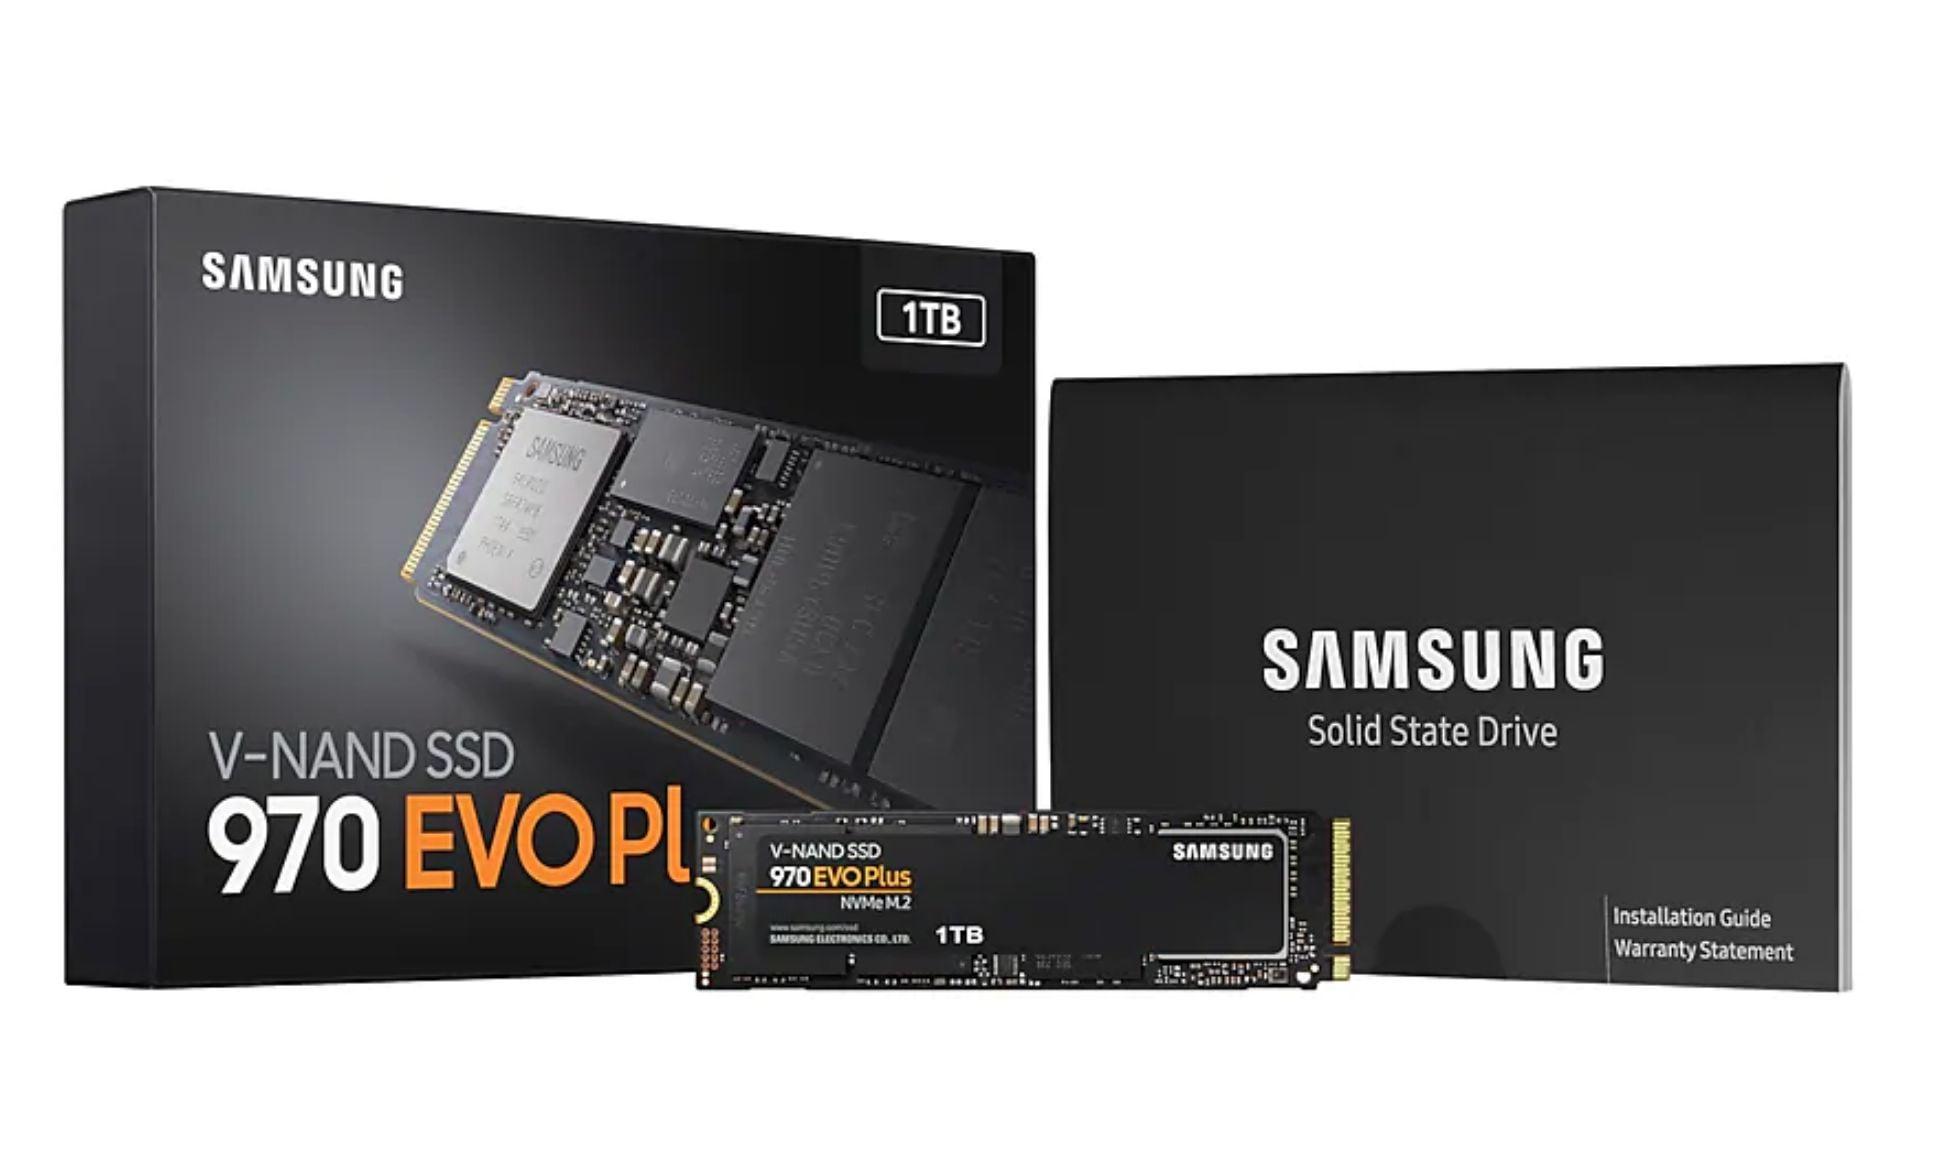 SSD Samsung 970 Evo Plus M2 PCIe 2280 - 1TB